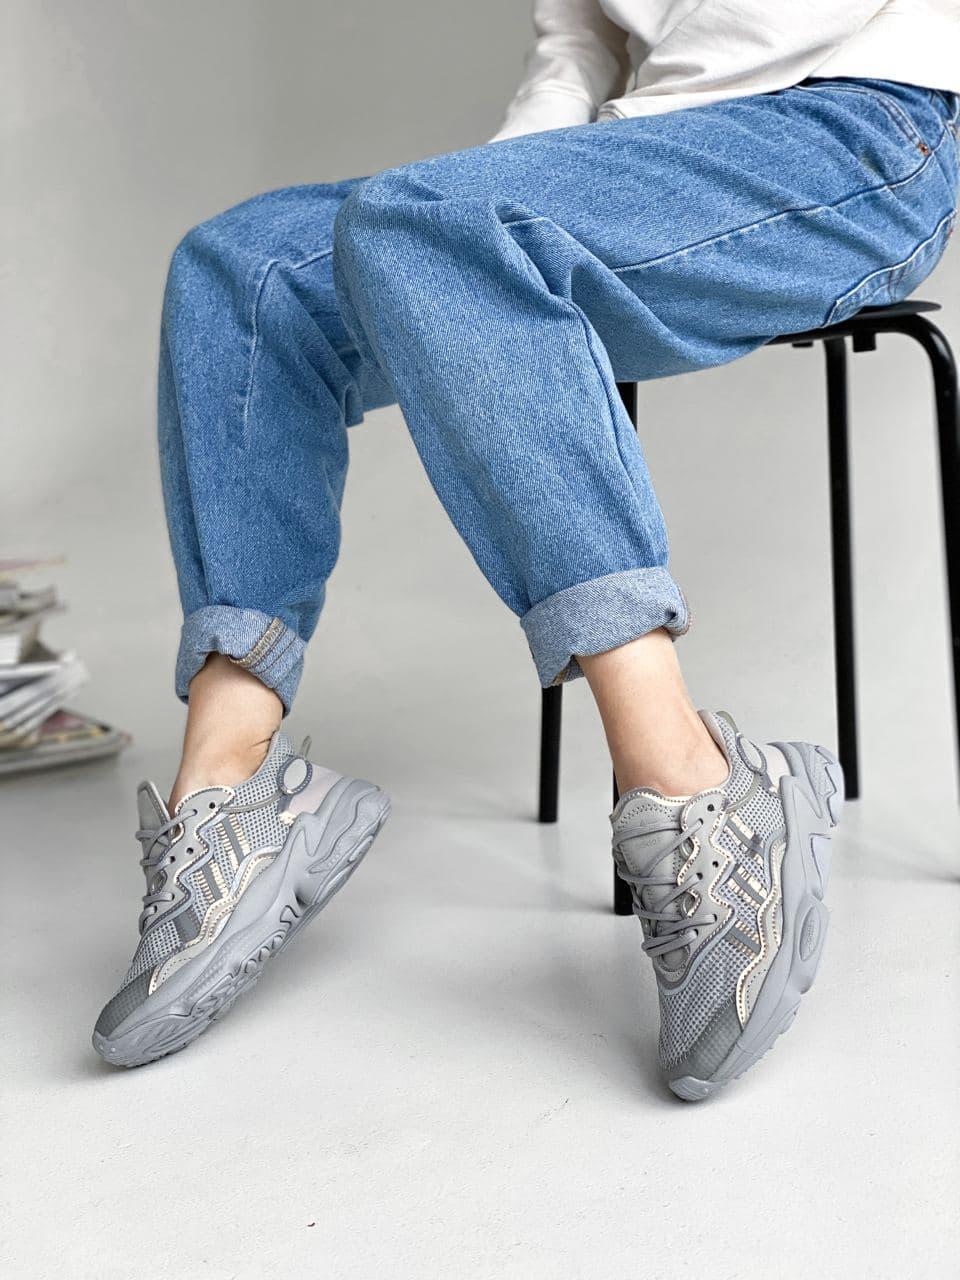 Женские кроссовки Adidas Ozweego PA324 серые